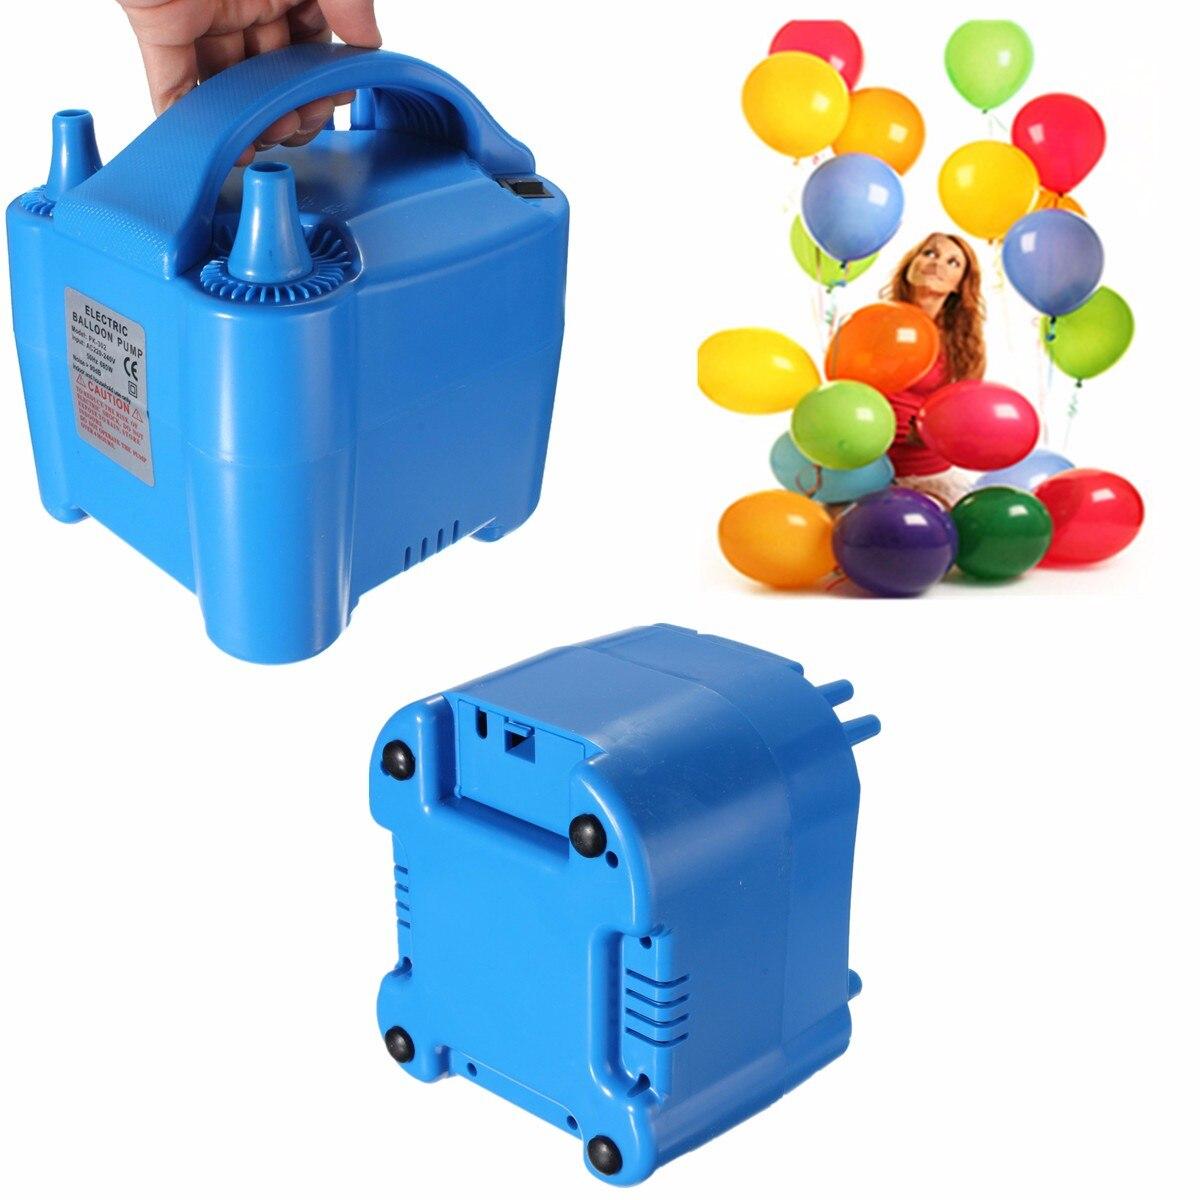 Pumpen, Teile Und Zubehör Heimwerker Schneidig Tragbare Elektrische Ballon Inflator Pumpe Luft Gebläse 2 Düse High Power Blau/rot/grün Farbe Zufällig